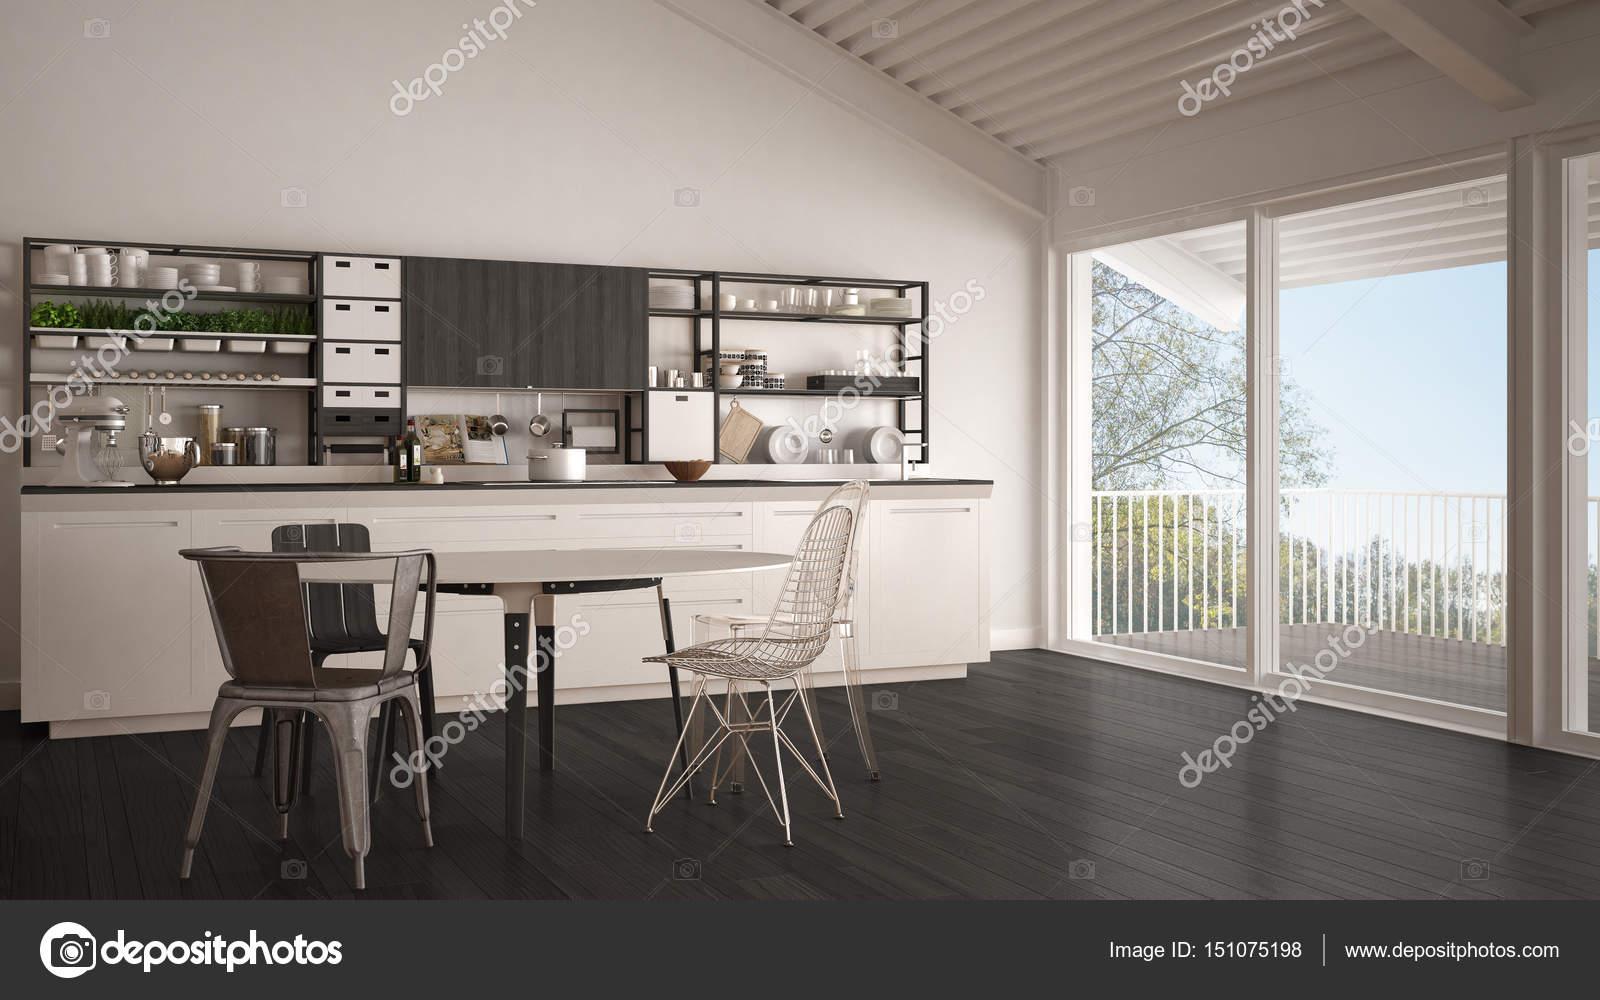 Cucina In Legno Bianco Minimalista Grande Finestra Panoramica